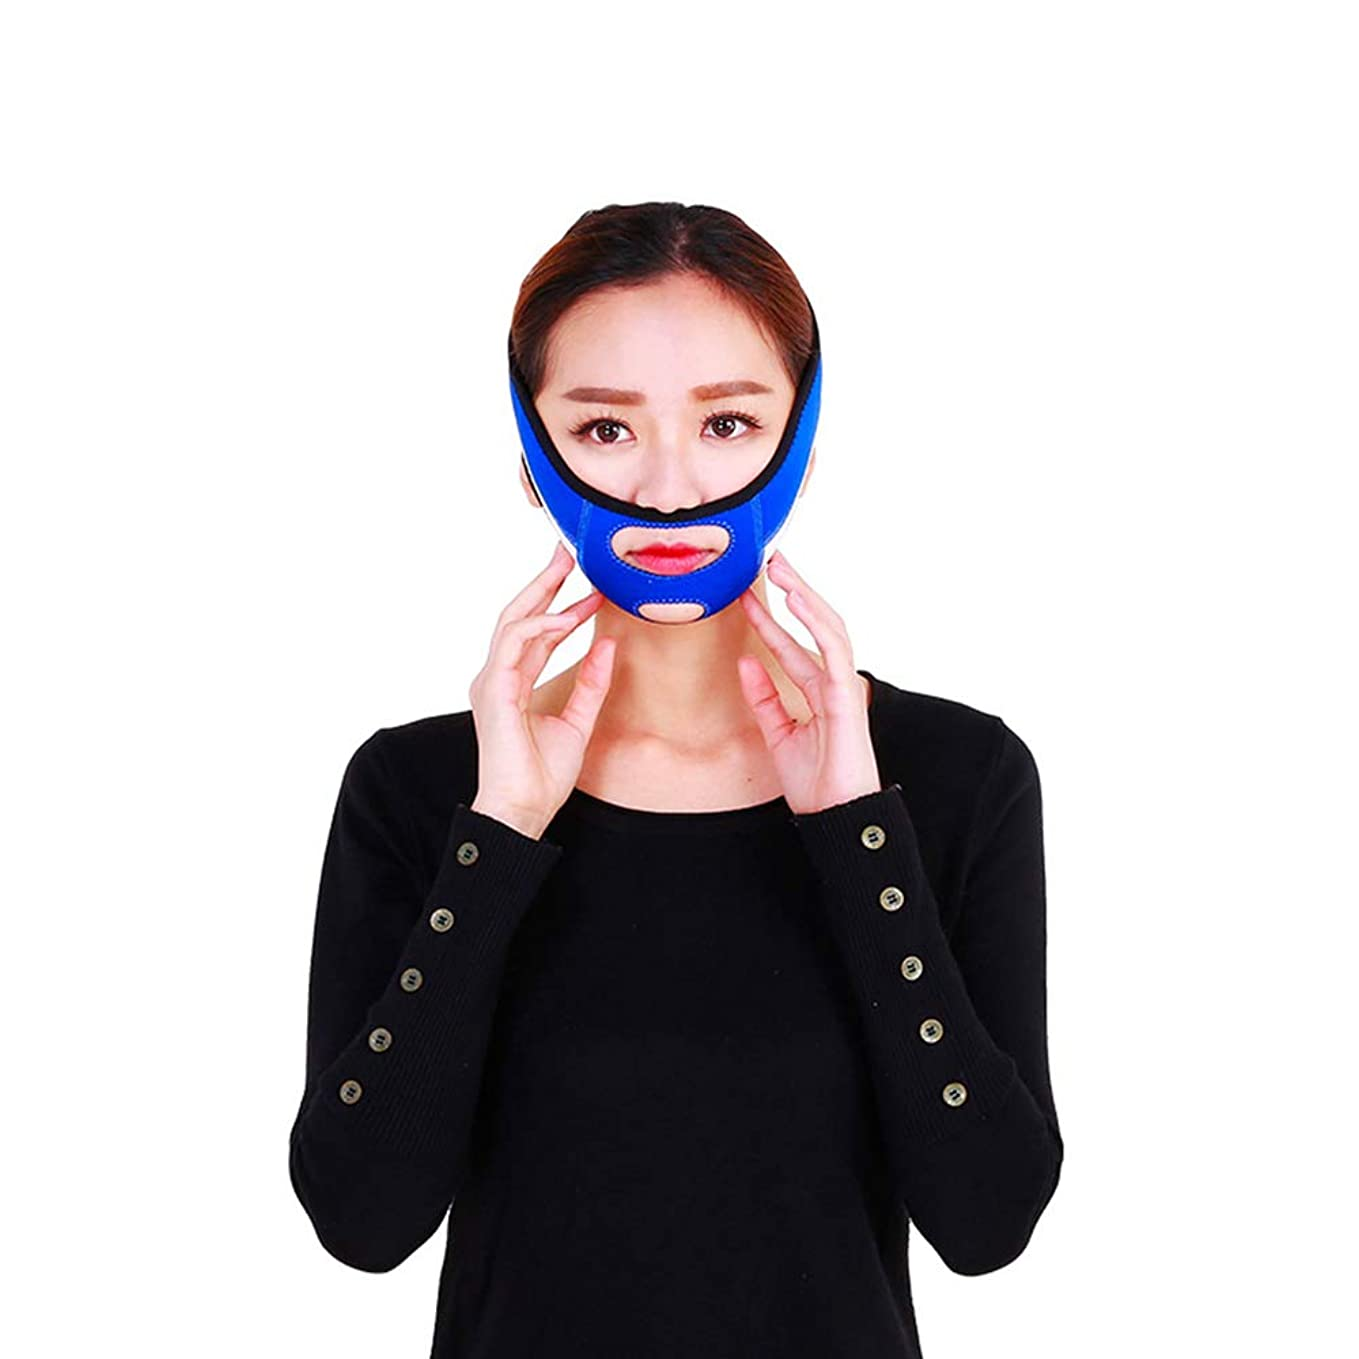 プロジェクター悩みオートメーションJia Jia- フェイシャルリフティング痩身ベルトフェーススリム二重あごを取り除くアンチエイジングリンクルフェイス包帯マスク整形マスクが顔を引き締める 顔面包帯